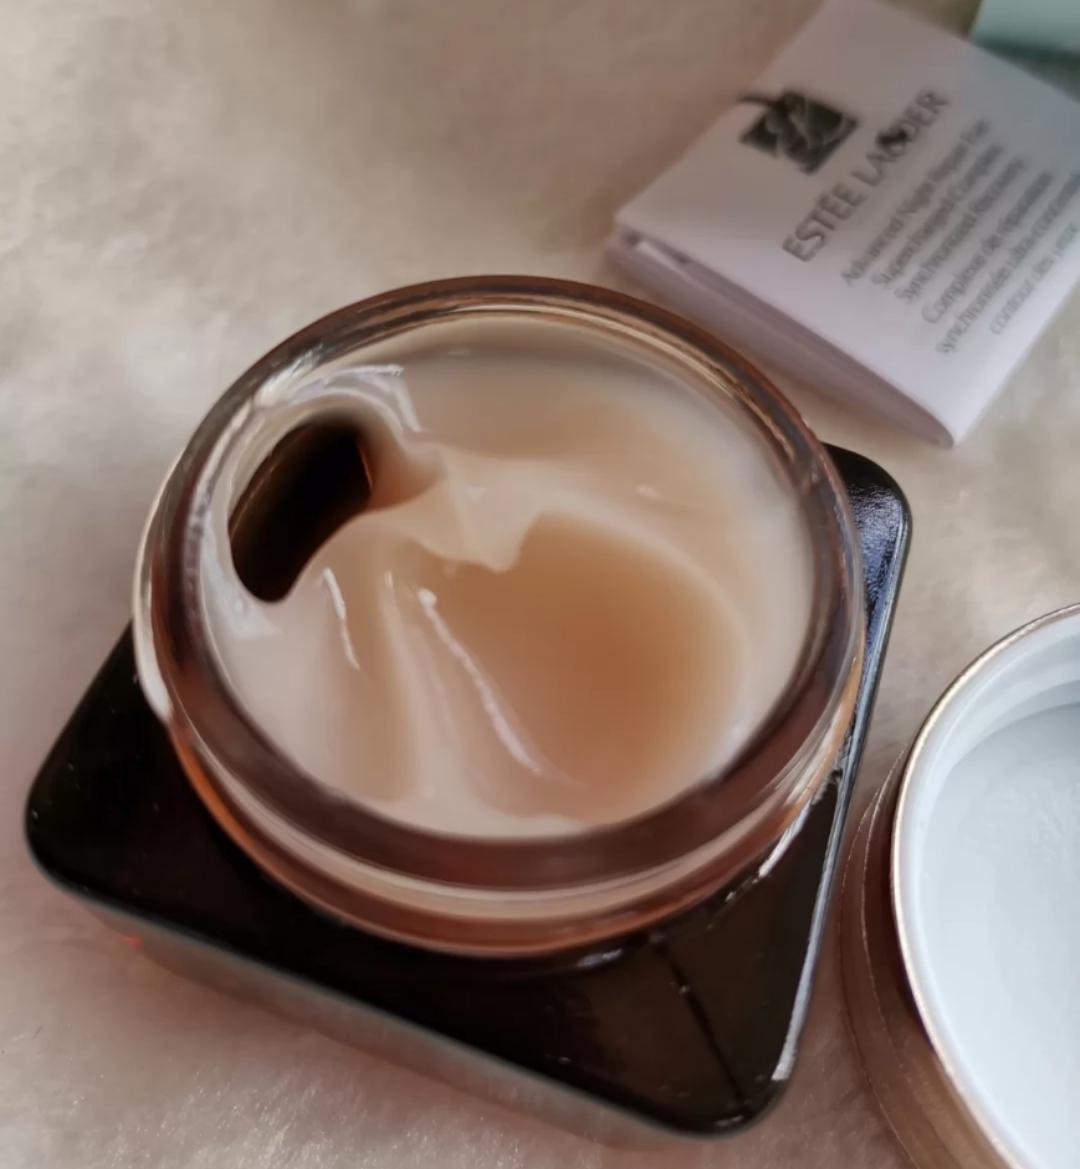 雅诗兰黛眼霜VS科颜氏牛油眼霜,哪款更好?它们主要有这些区别